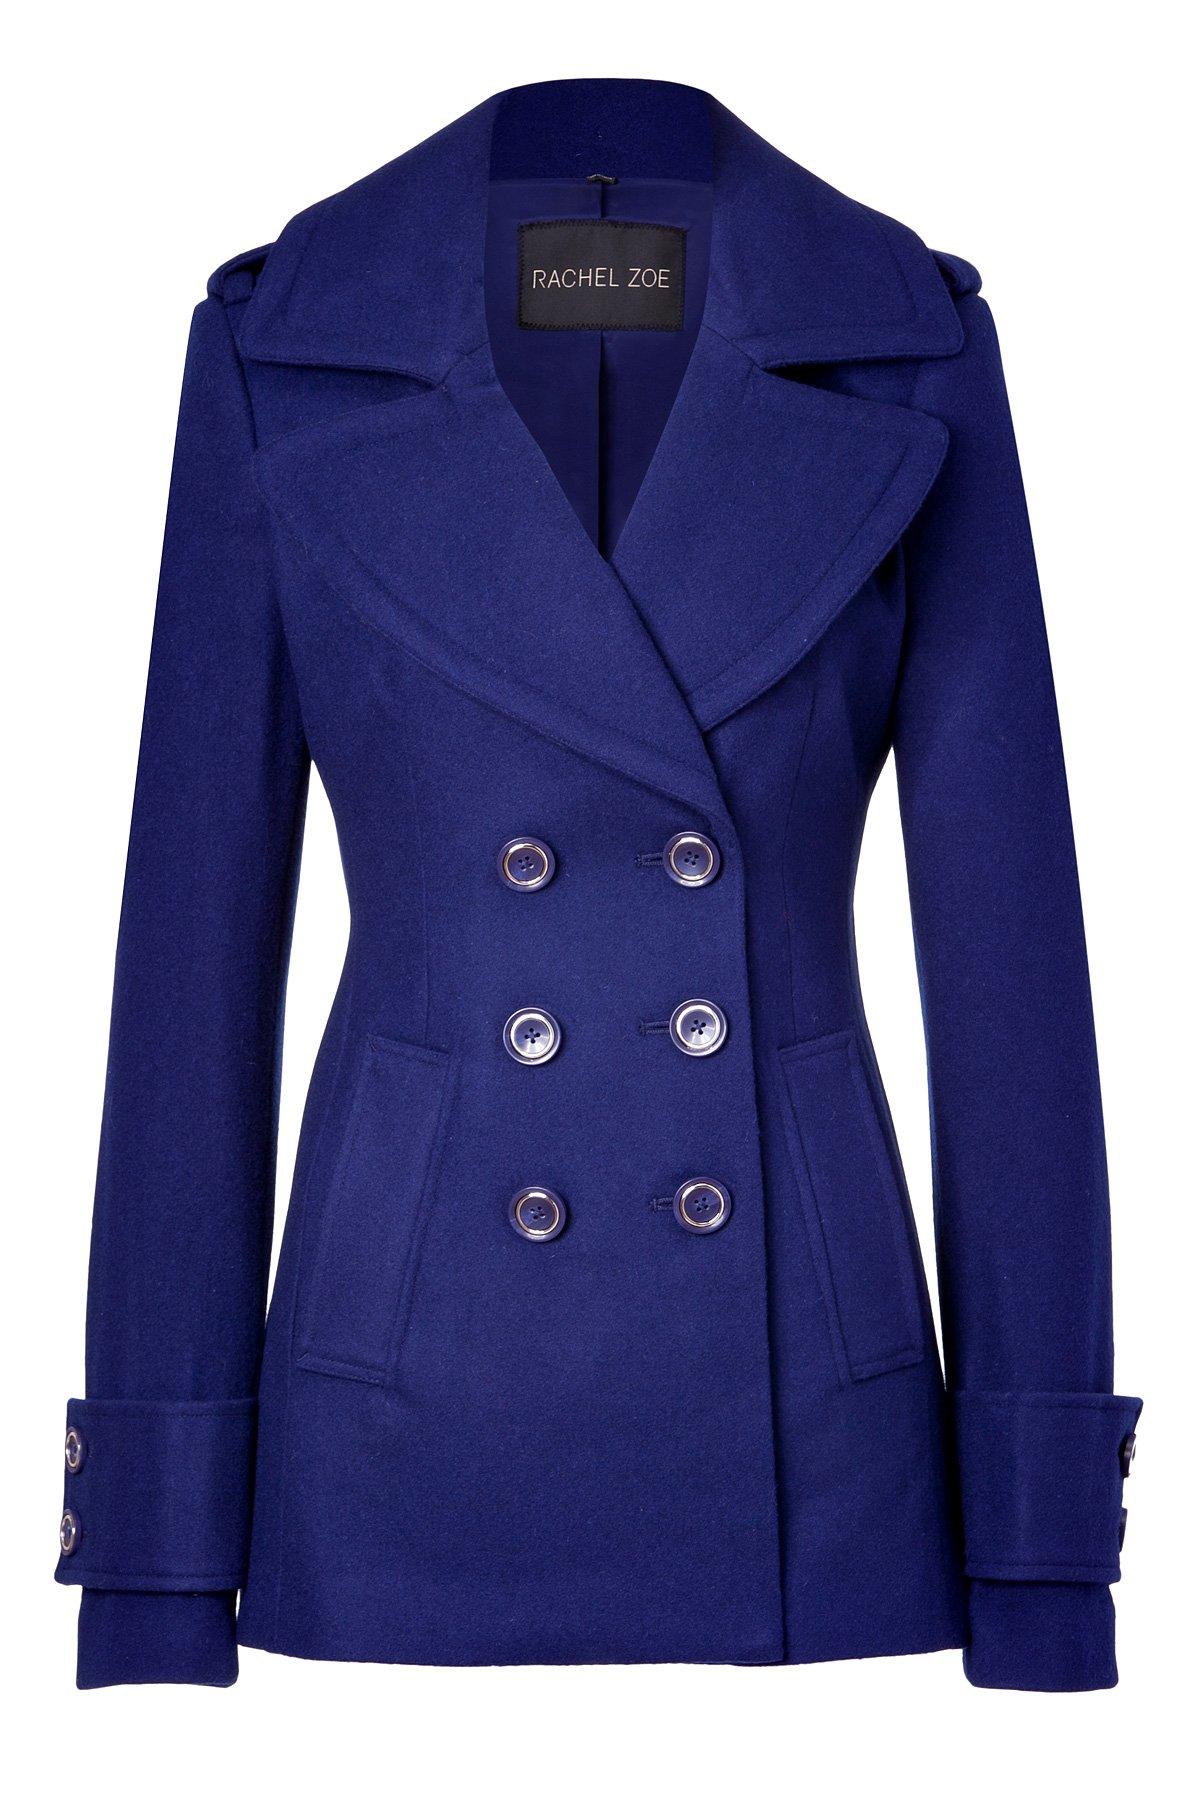 Rachel zoe Royal Blue Woolblend Fay Pea Coat in Blue | Lyst